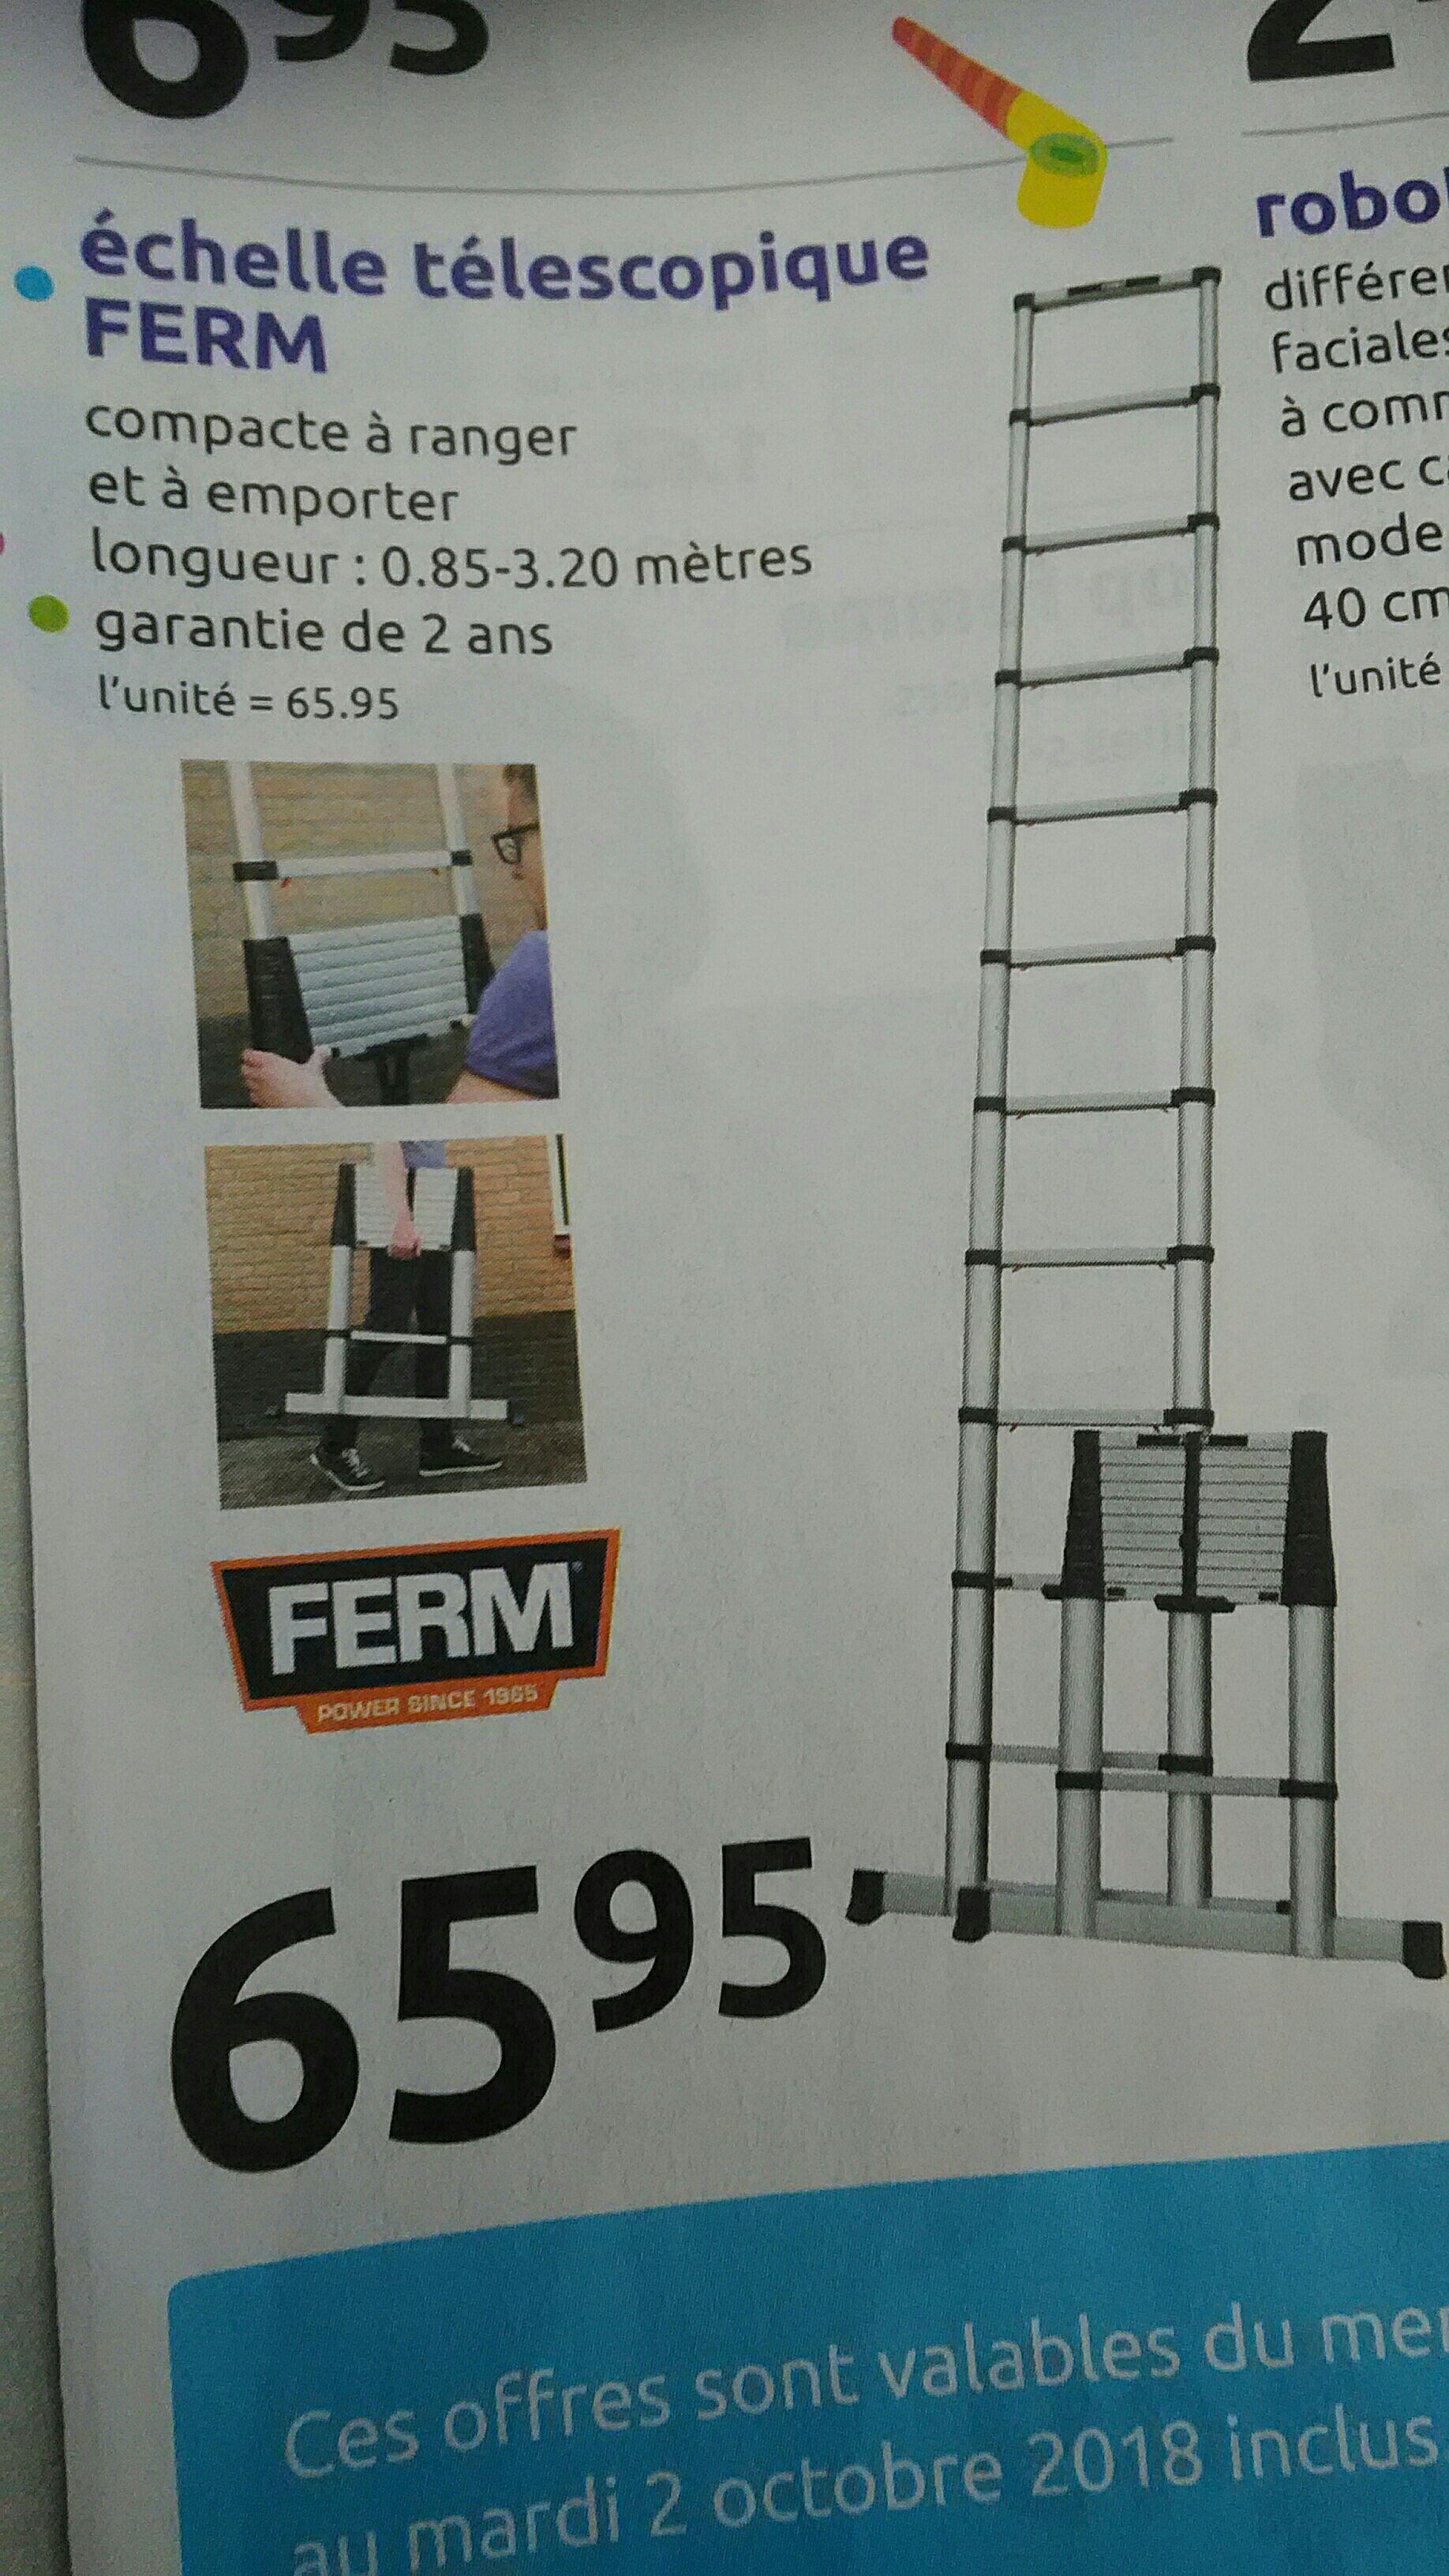 Échelle télescopique Ferm - de 0.85m à 3.2m